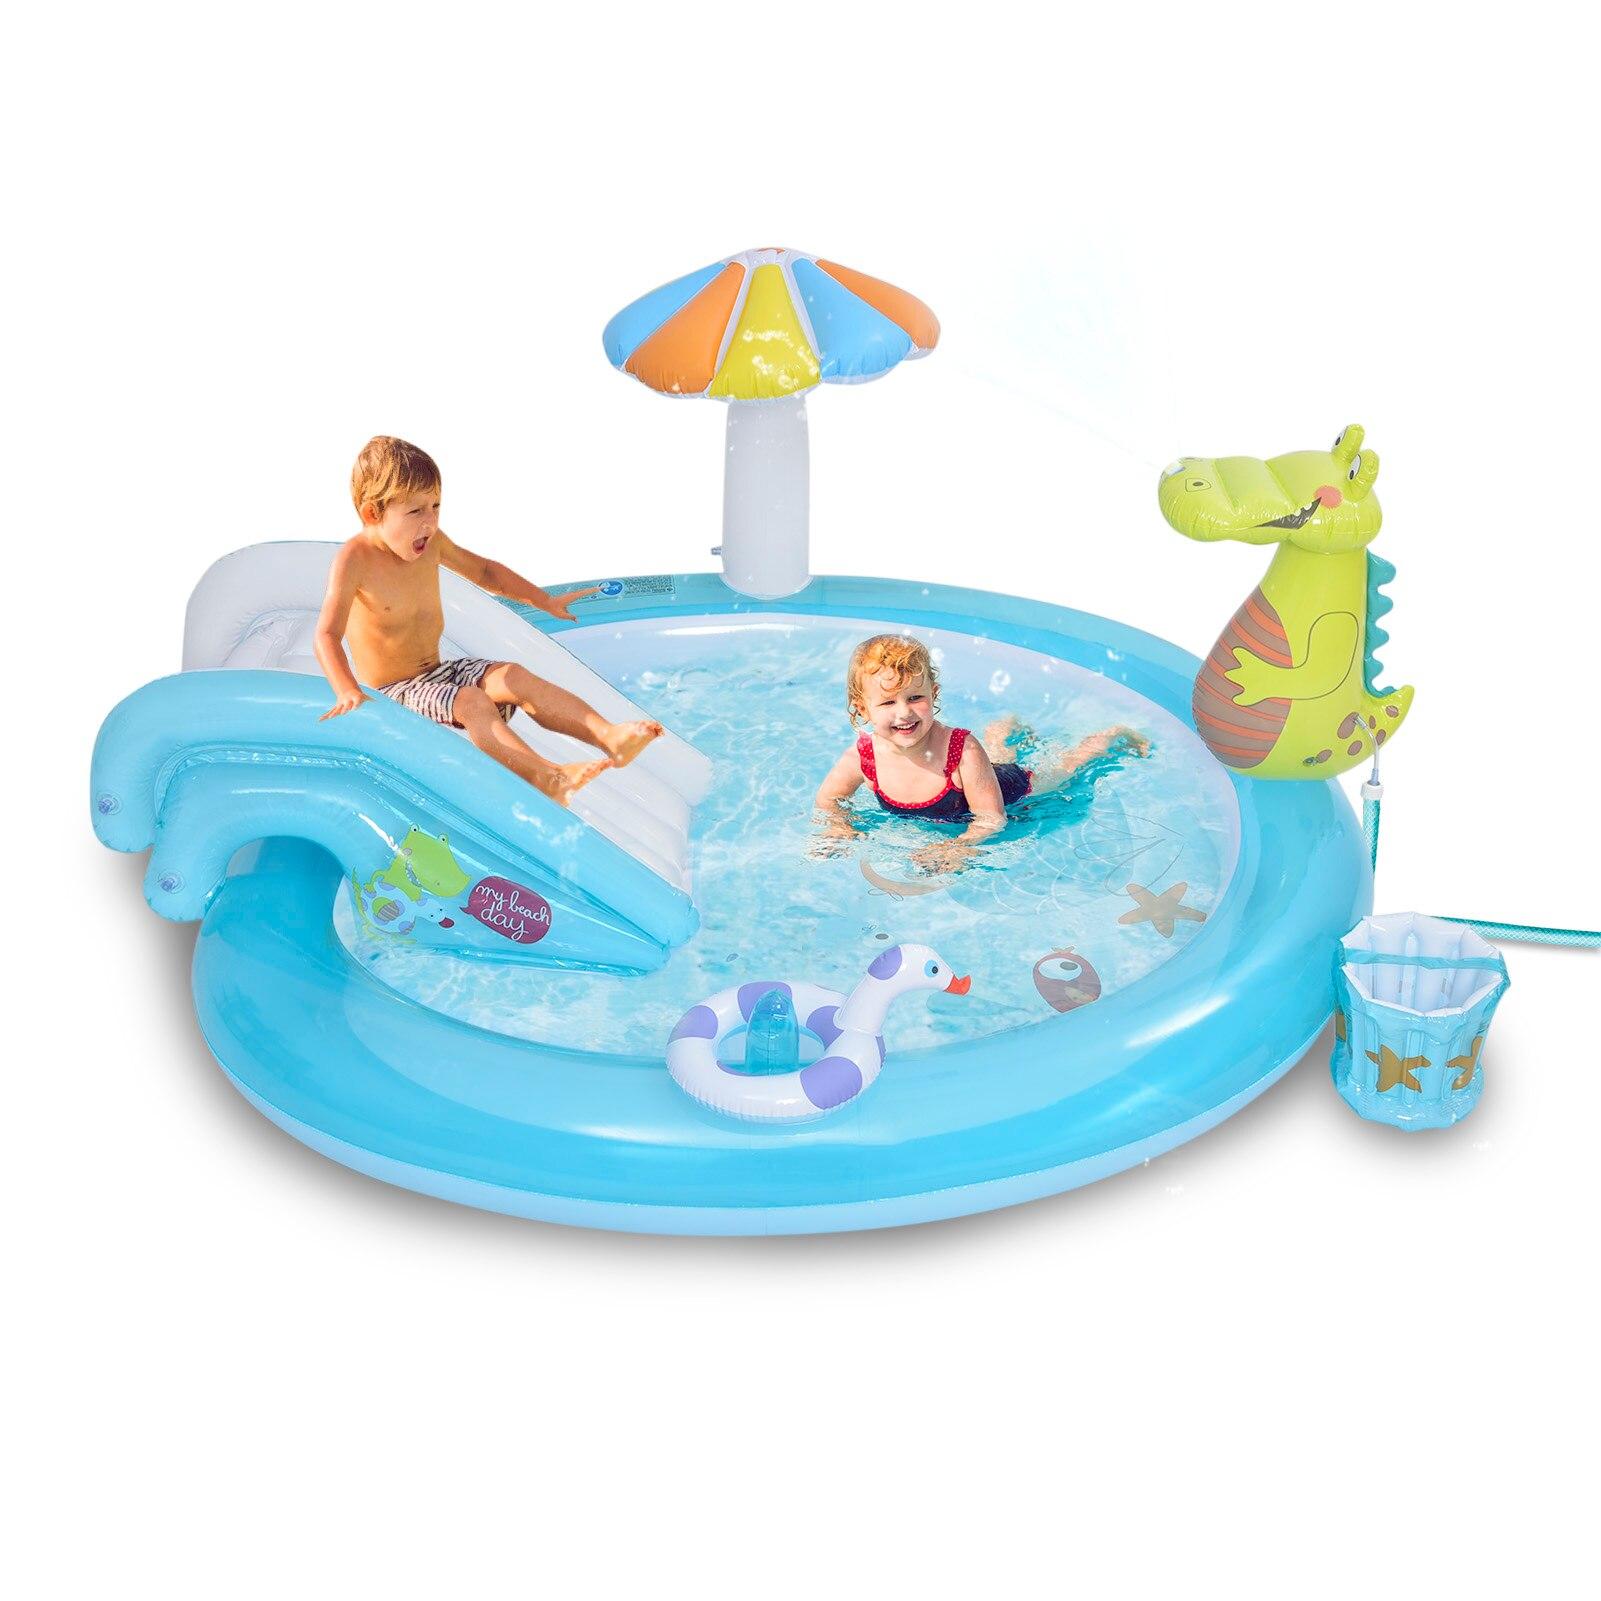 حوض سباحة قابل للنفخ تمساح ماء منزلق الفناء الخلفي رذاذ ماء حمام سباحة أطفال لعب مركز المنزل ألعاب رياضية مائية حمام سباحة للأطفال